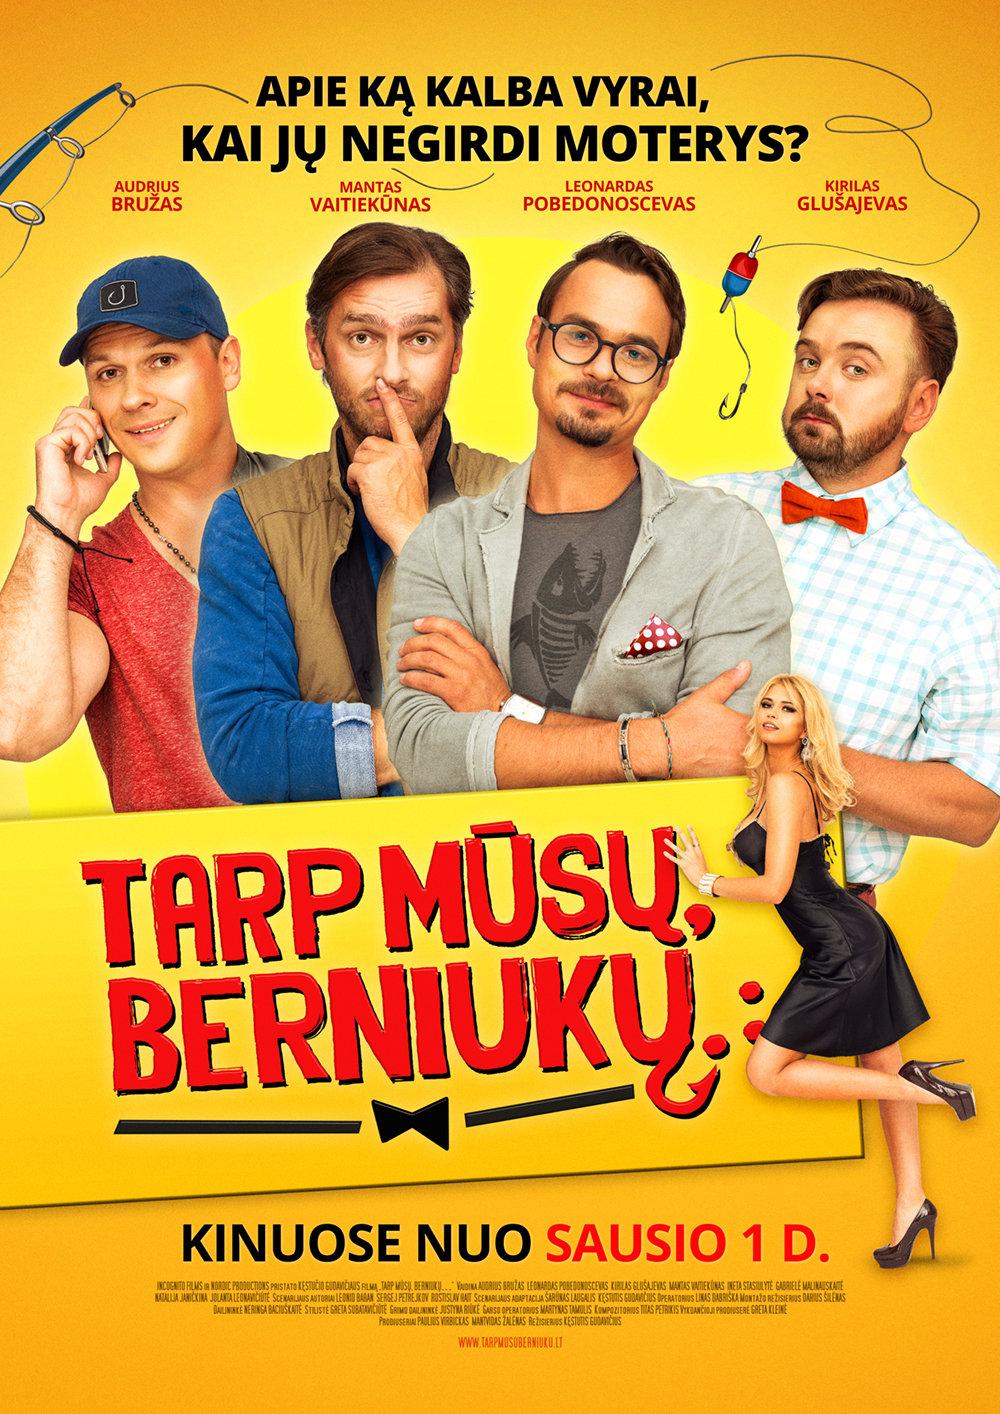 فیلم سینمایی Tarp musu, berniuku به کارگردانی Kestutis Gudavicius